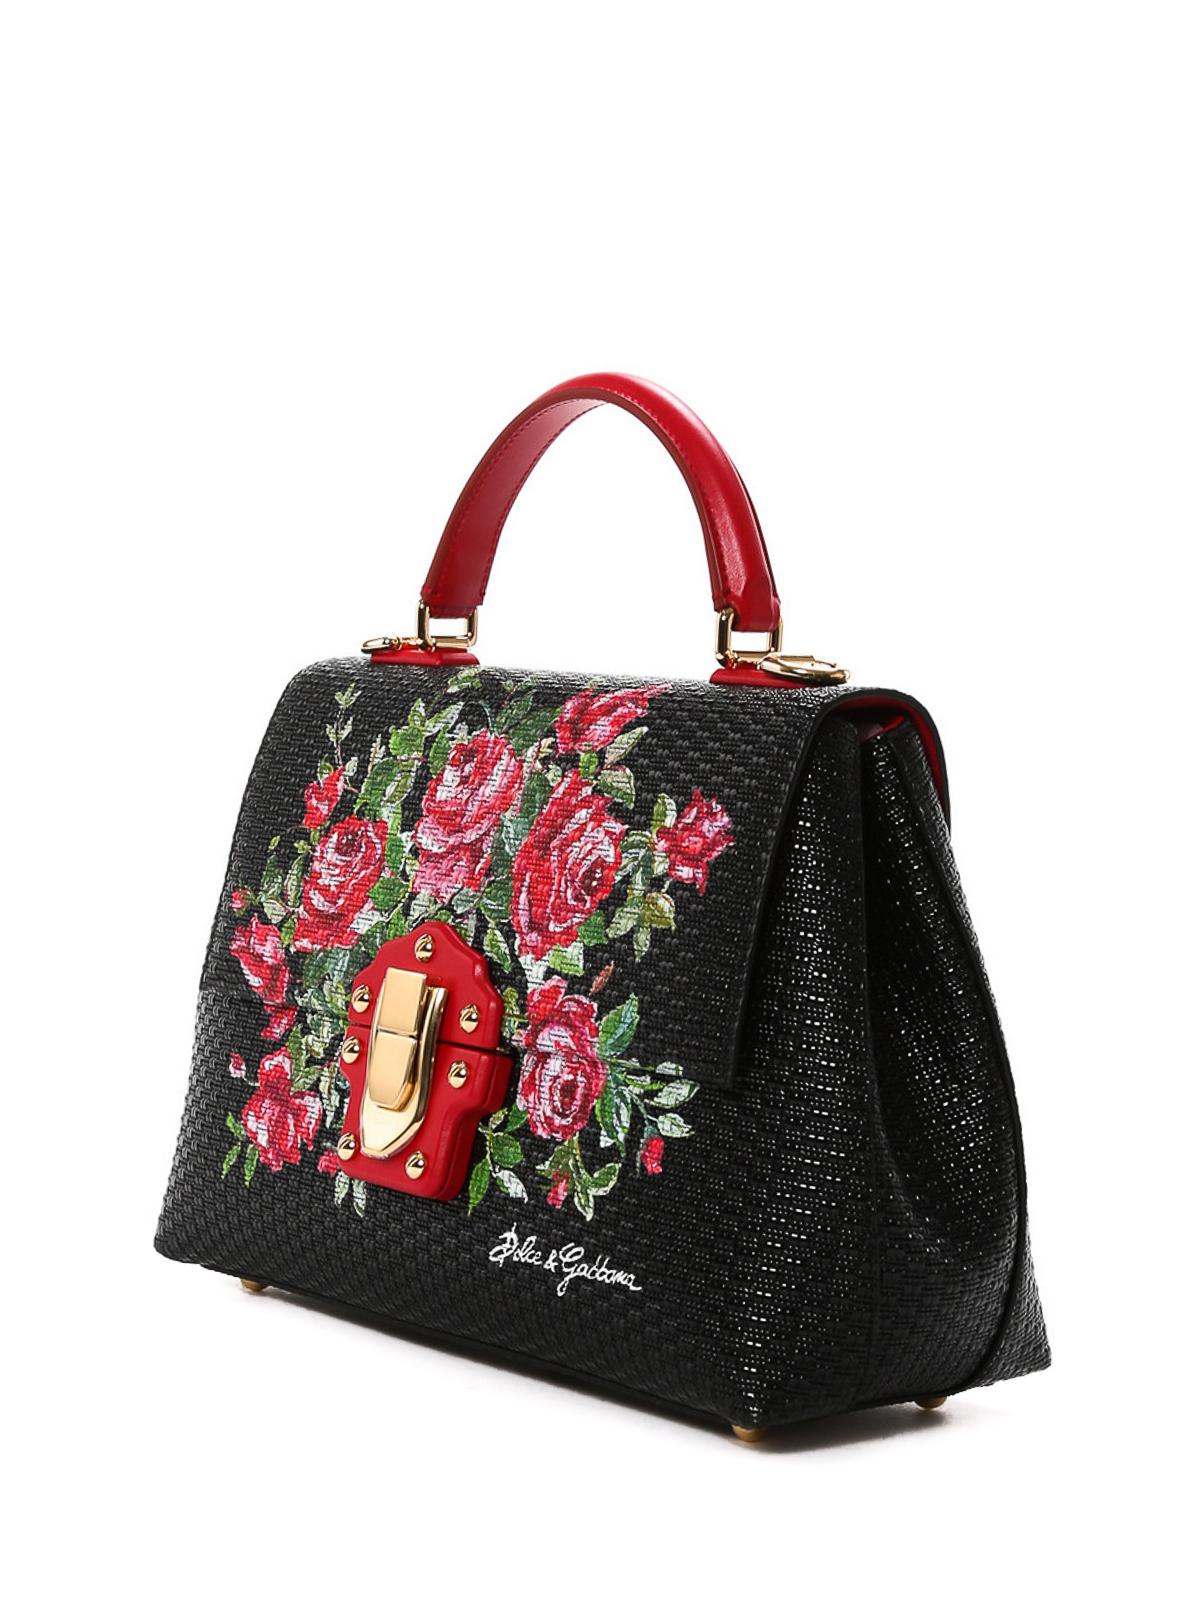 Gabbana Bauletti Con Stampa amp; Rose Mano Lucia Borsa Dolce A USw5q6F